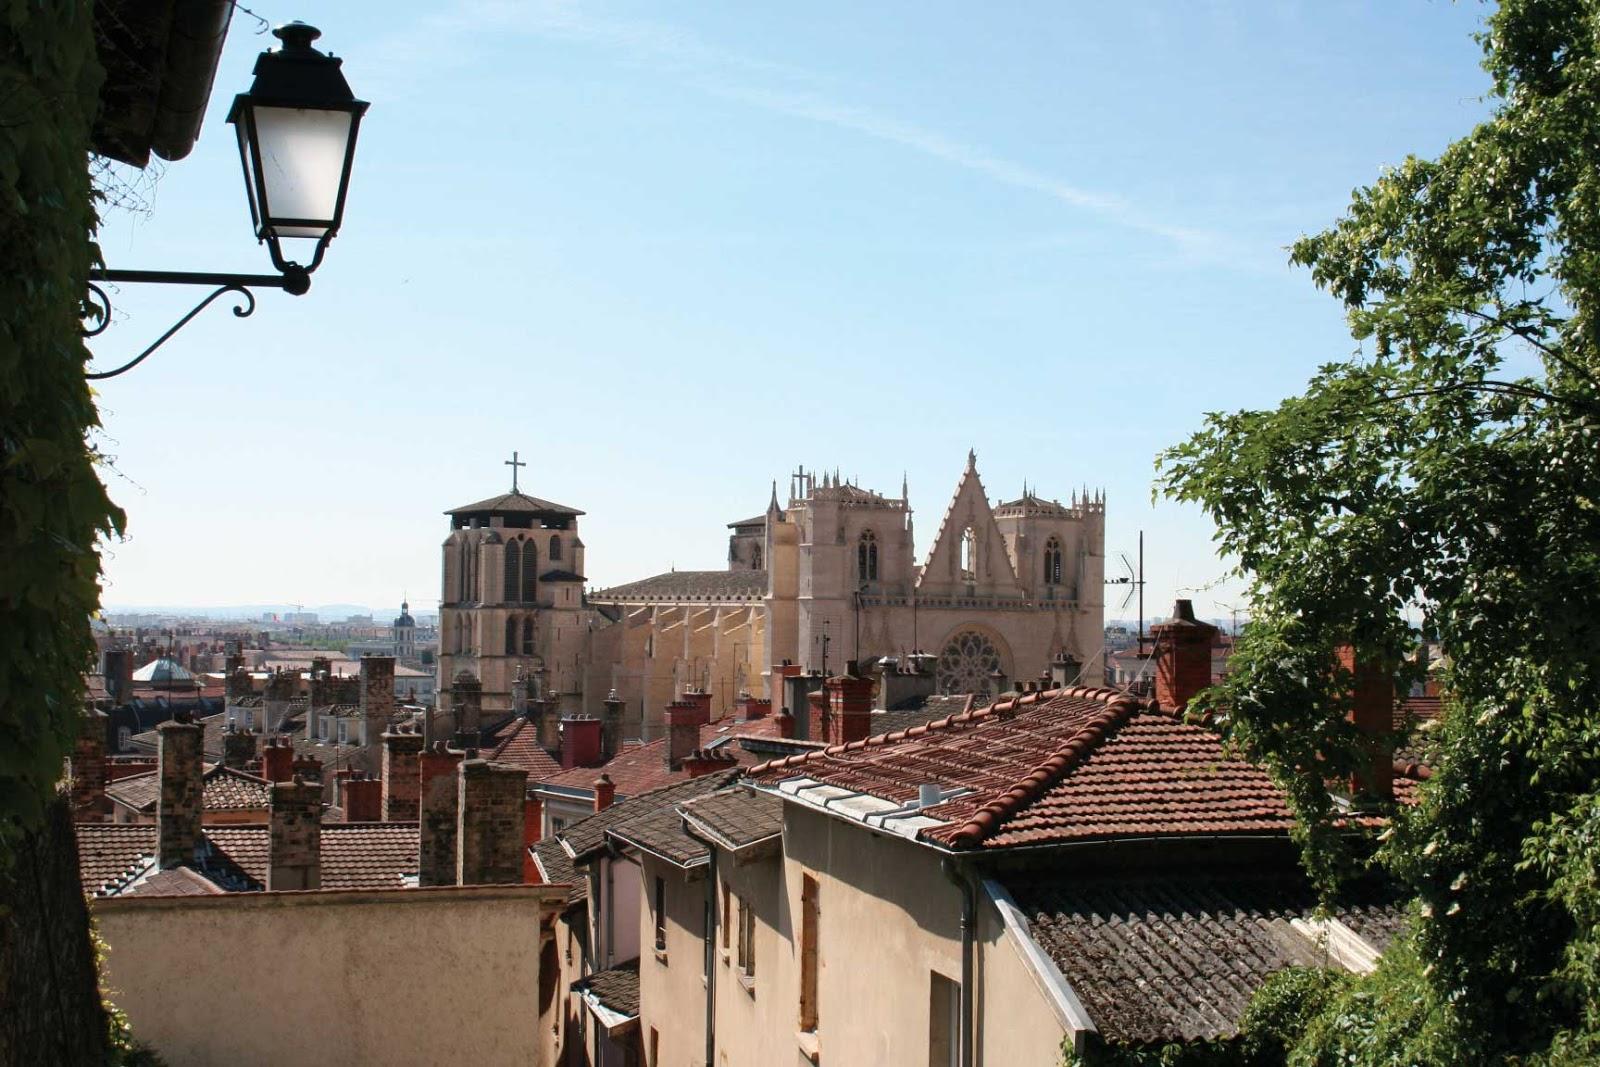 cathédrale Saint-Jean montée des Chazeaux vue panoramique - visite guidée de Lyon - Nicolas Bruno Jacquet